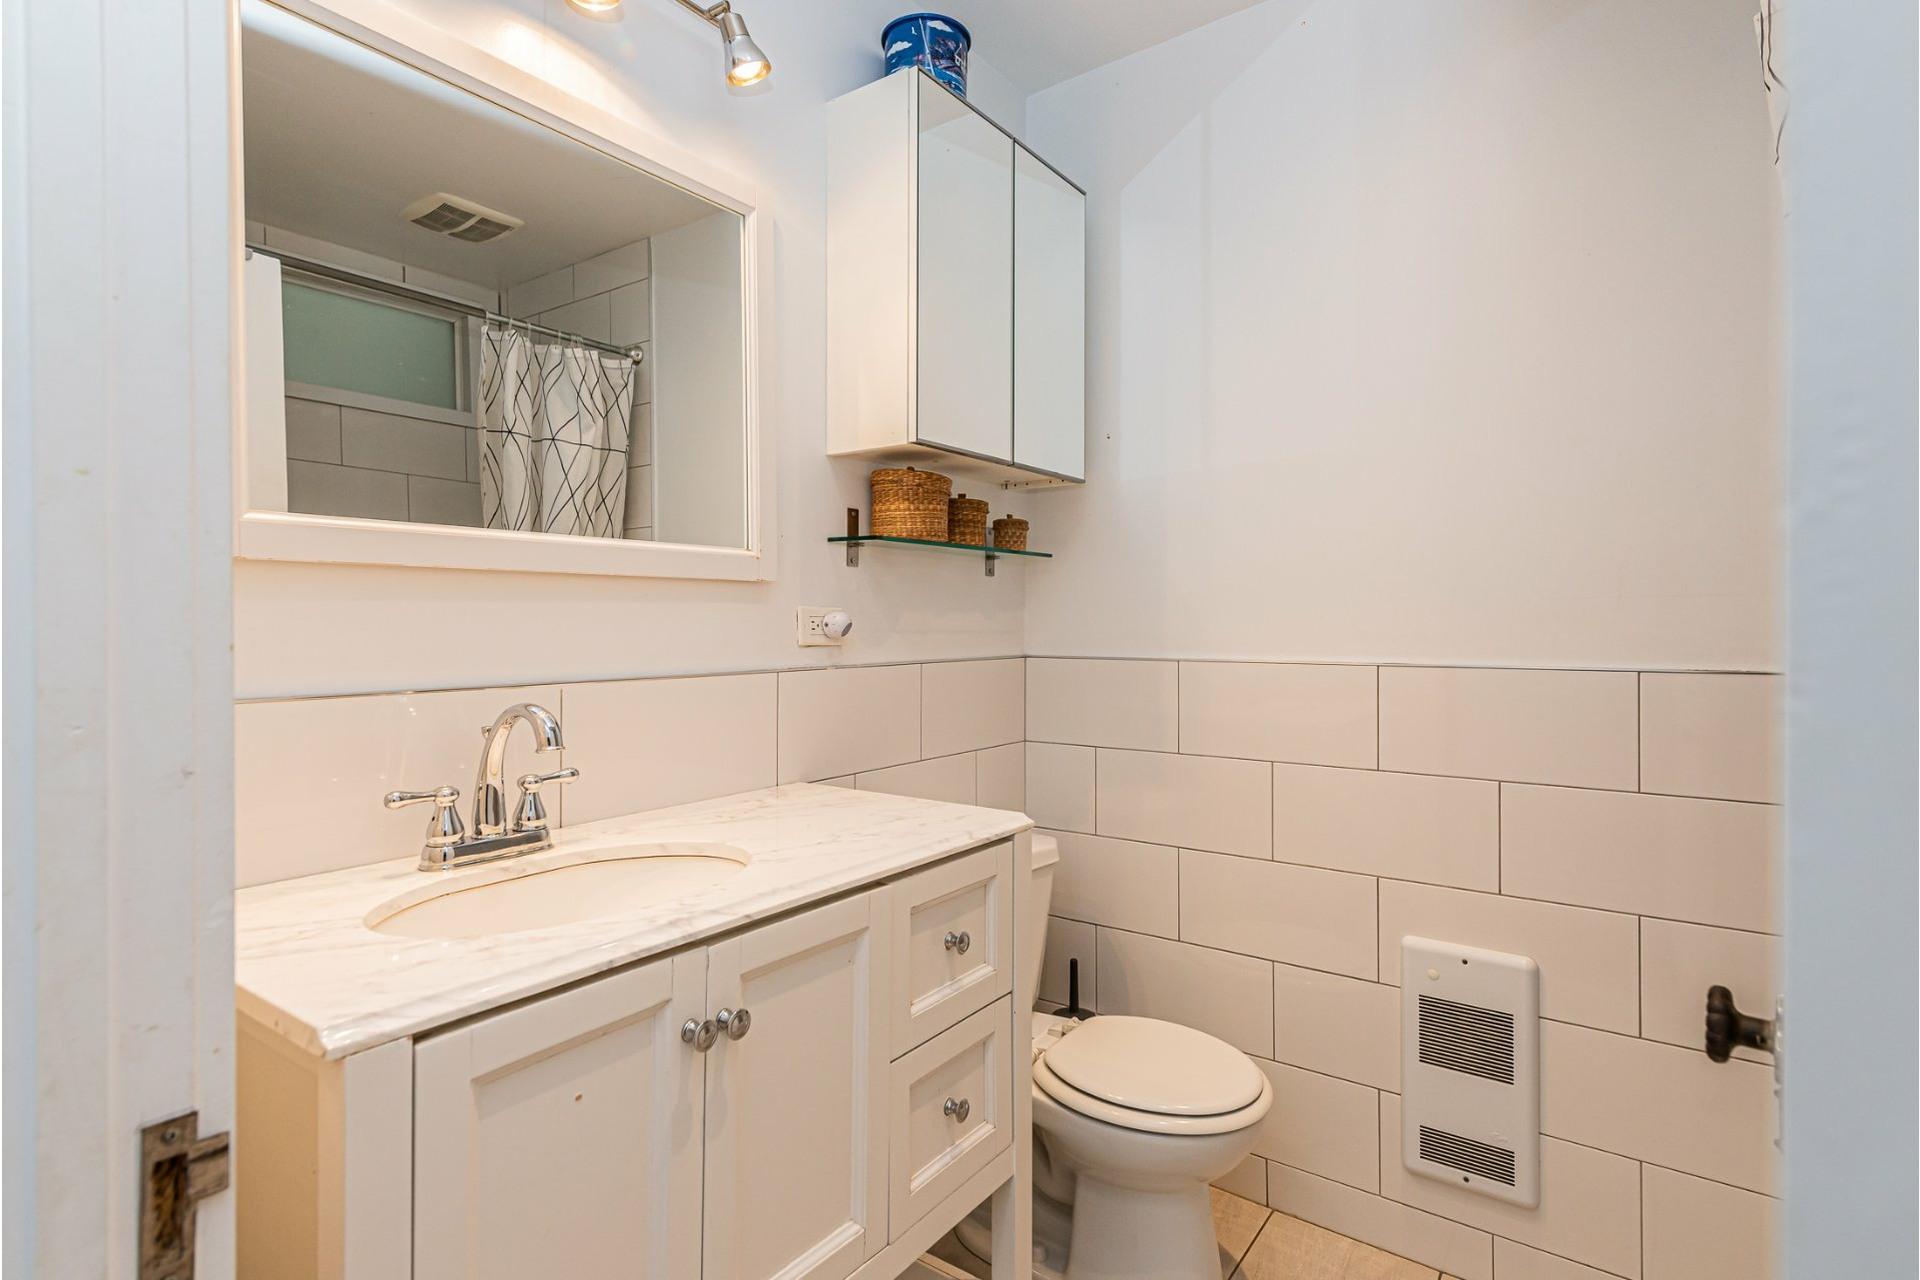 image 16 - Appartement À louer Côte-des-Neiges/Notre-Dame-de-Grâce Montréal  - 10 pièces